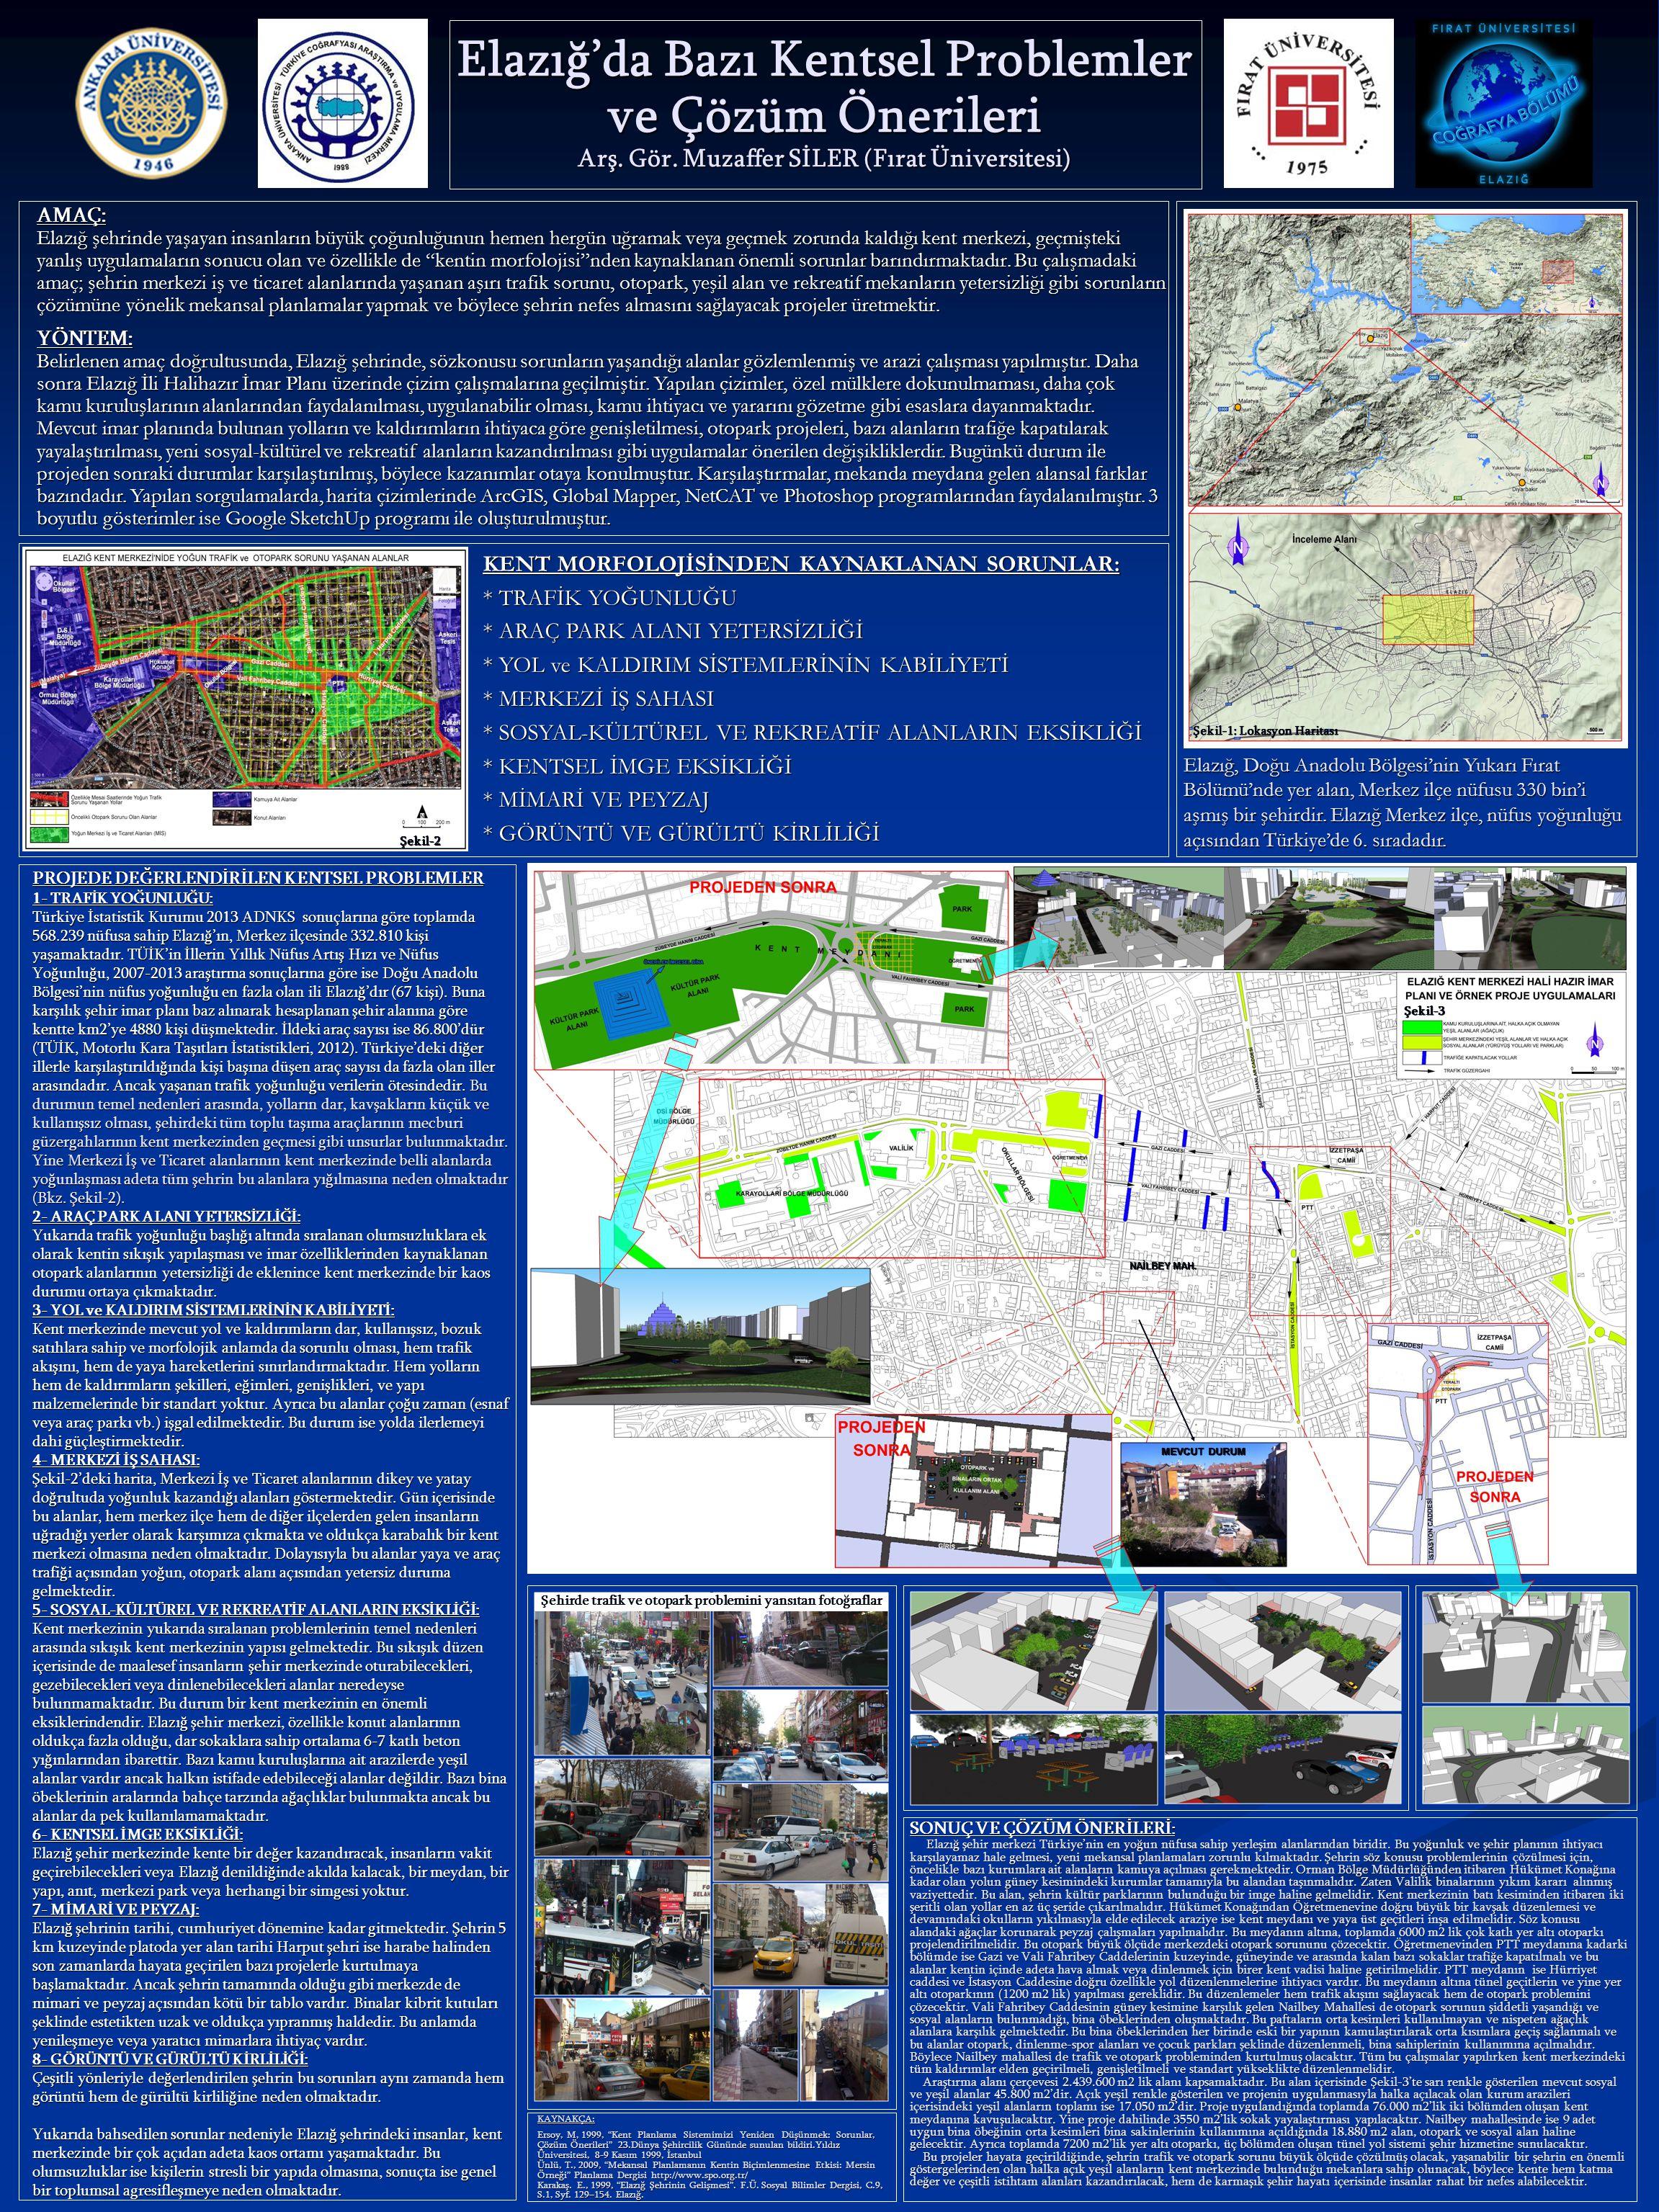 Elazığ'da Bazı Kentsel Problemler ve Çözüm Önerileri Arş. Gör